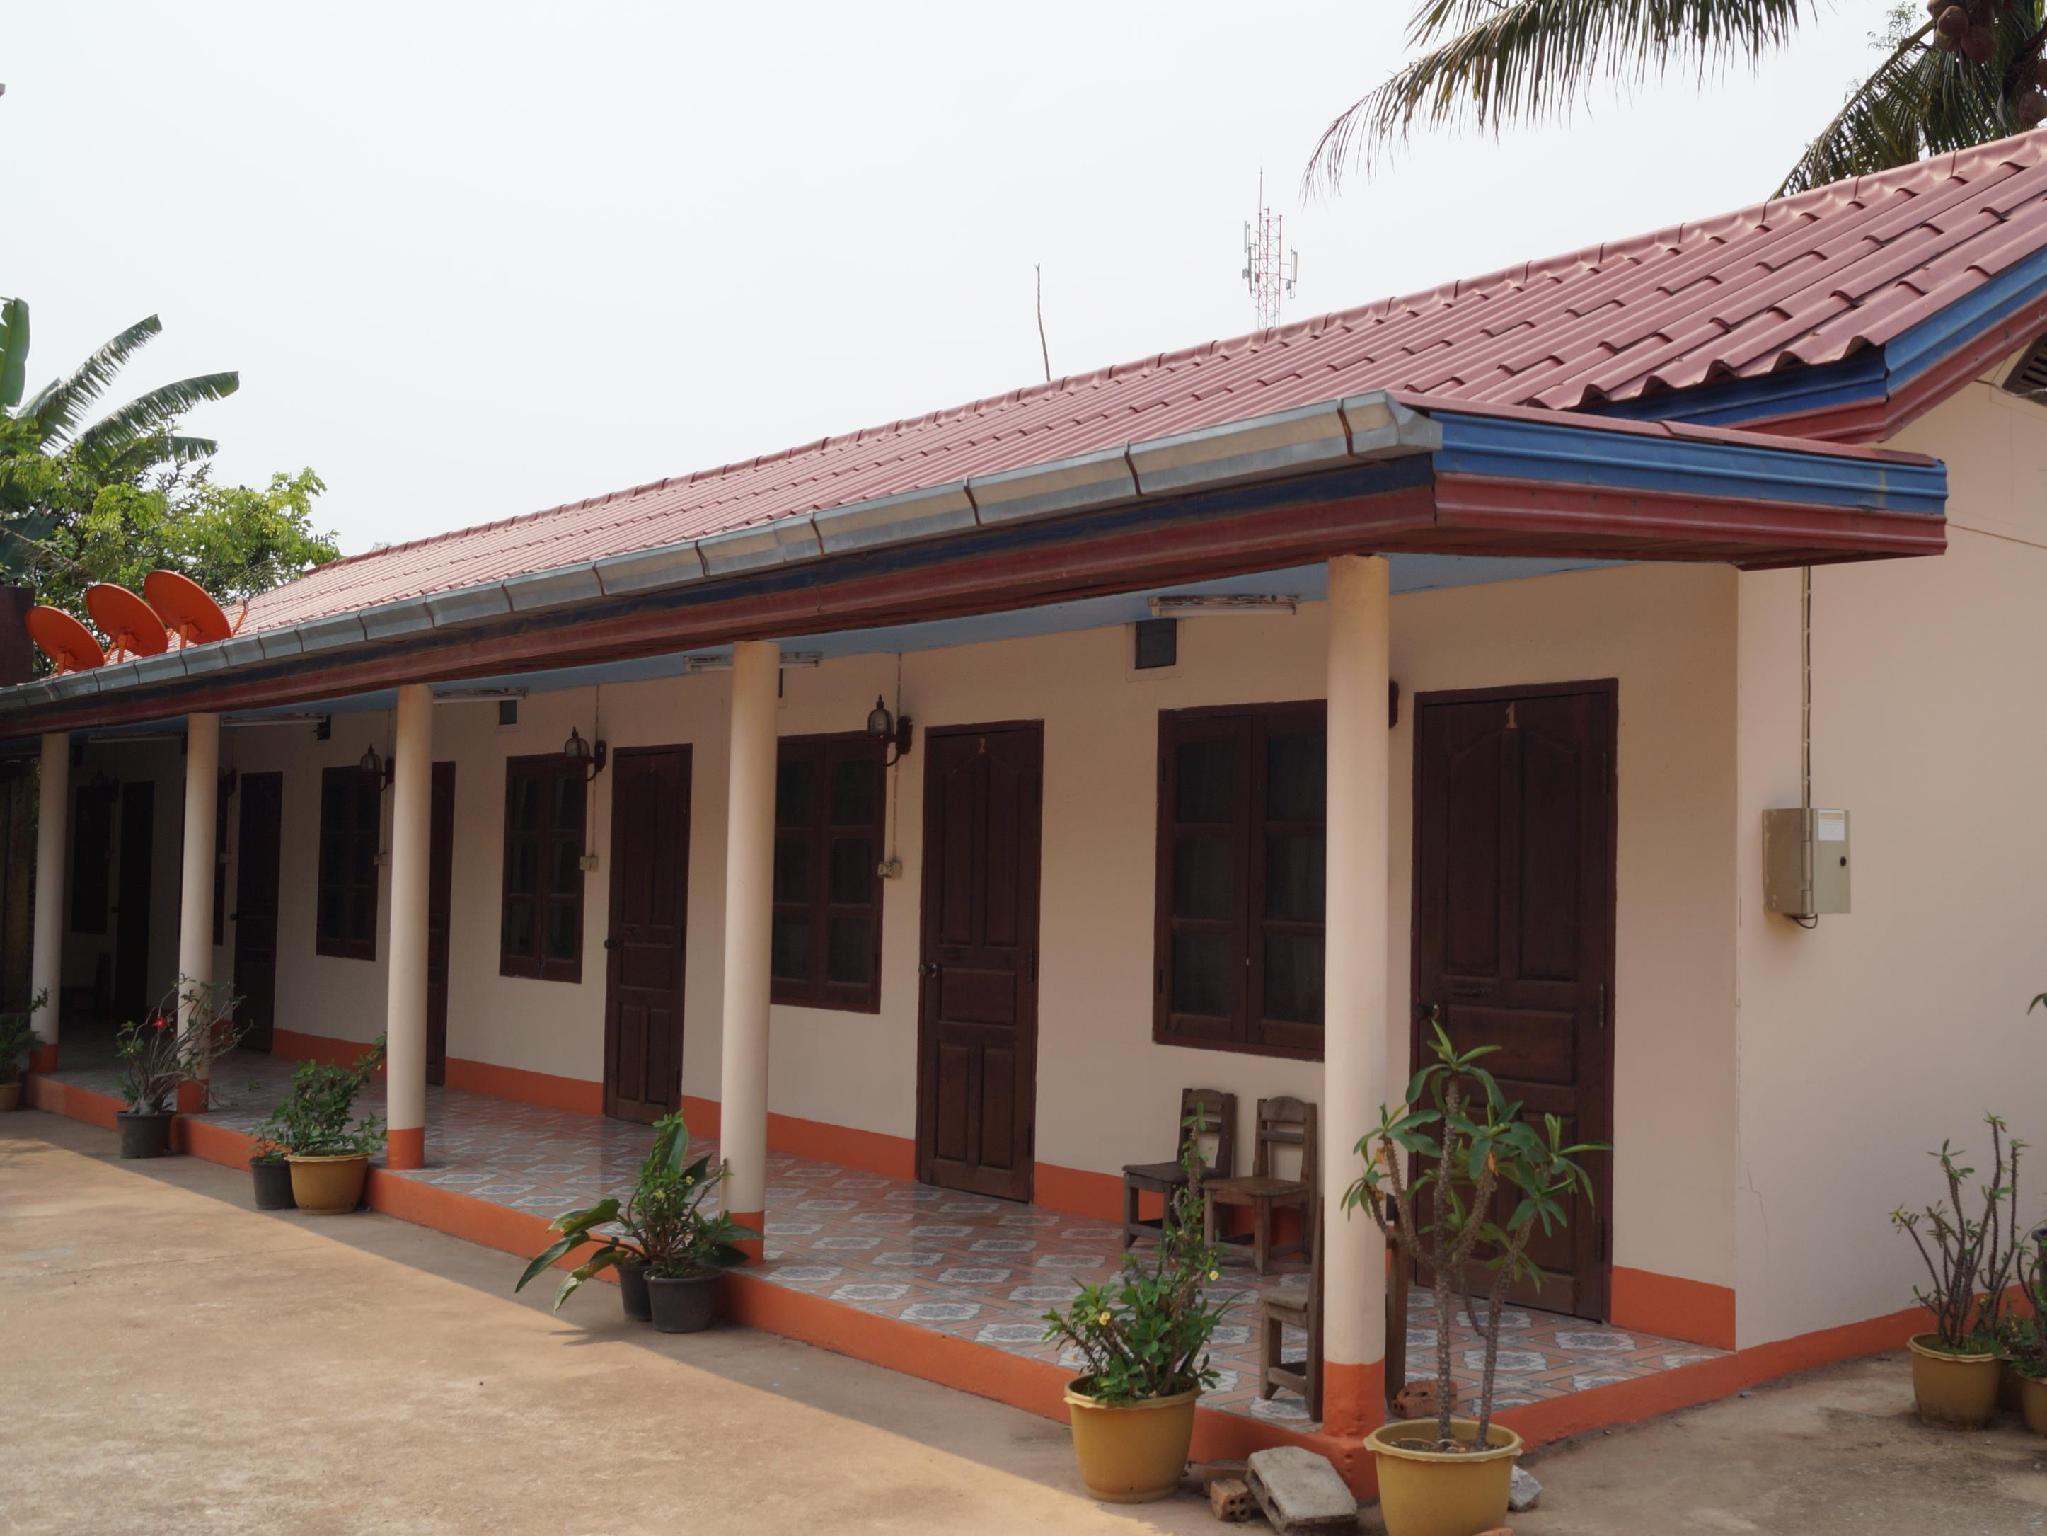 Koung Kham Guesthouse